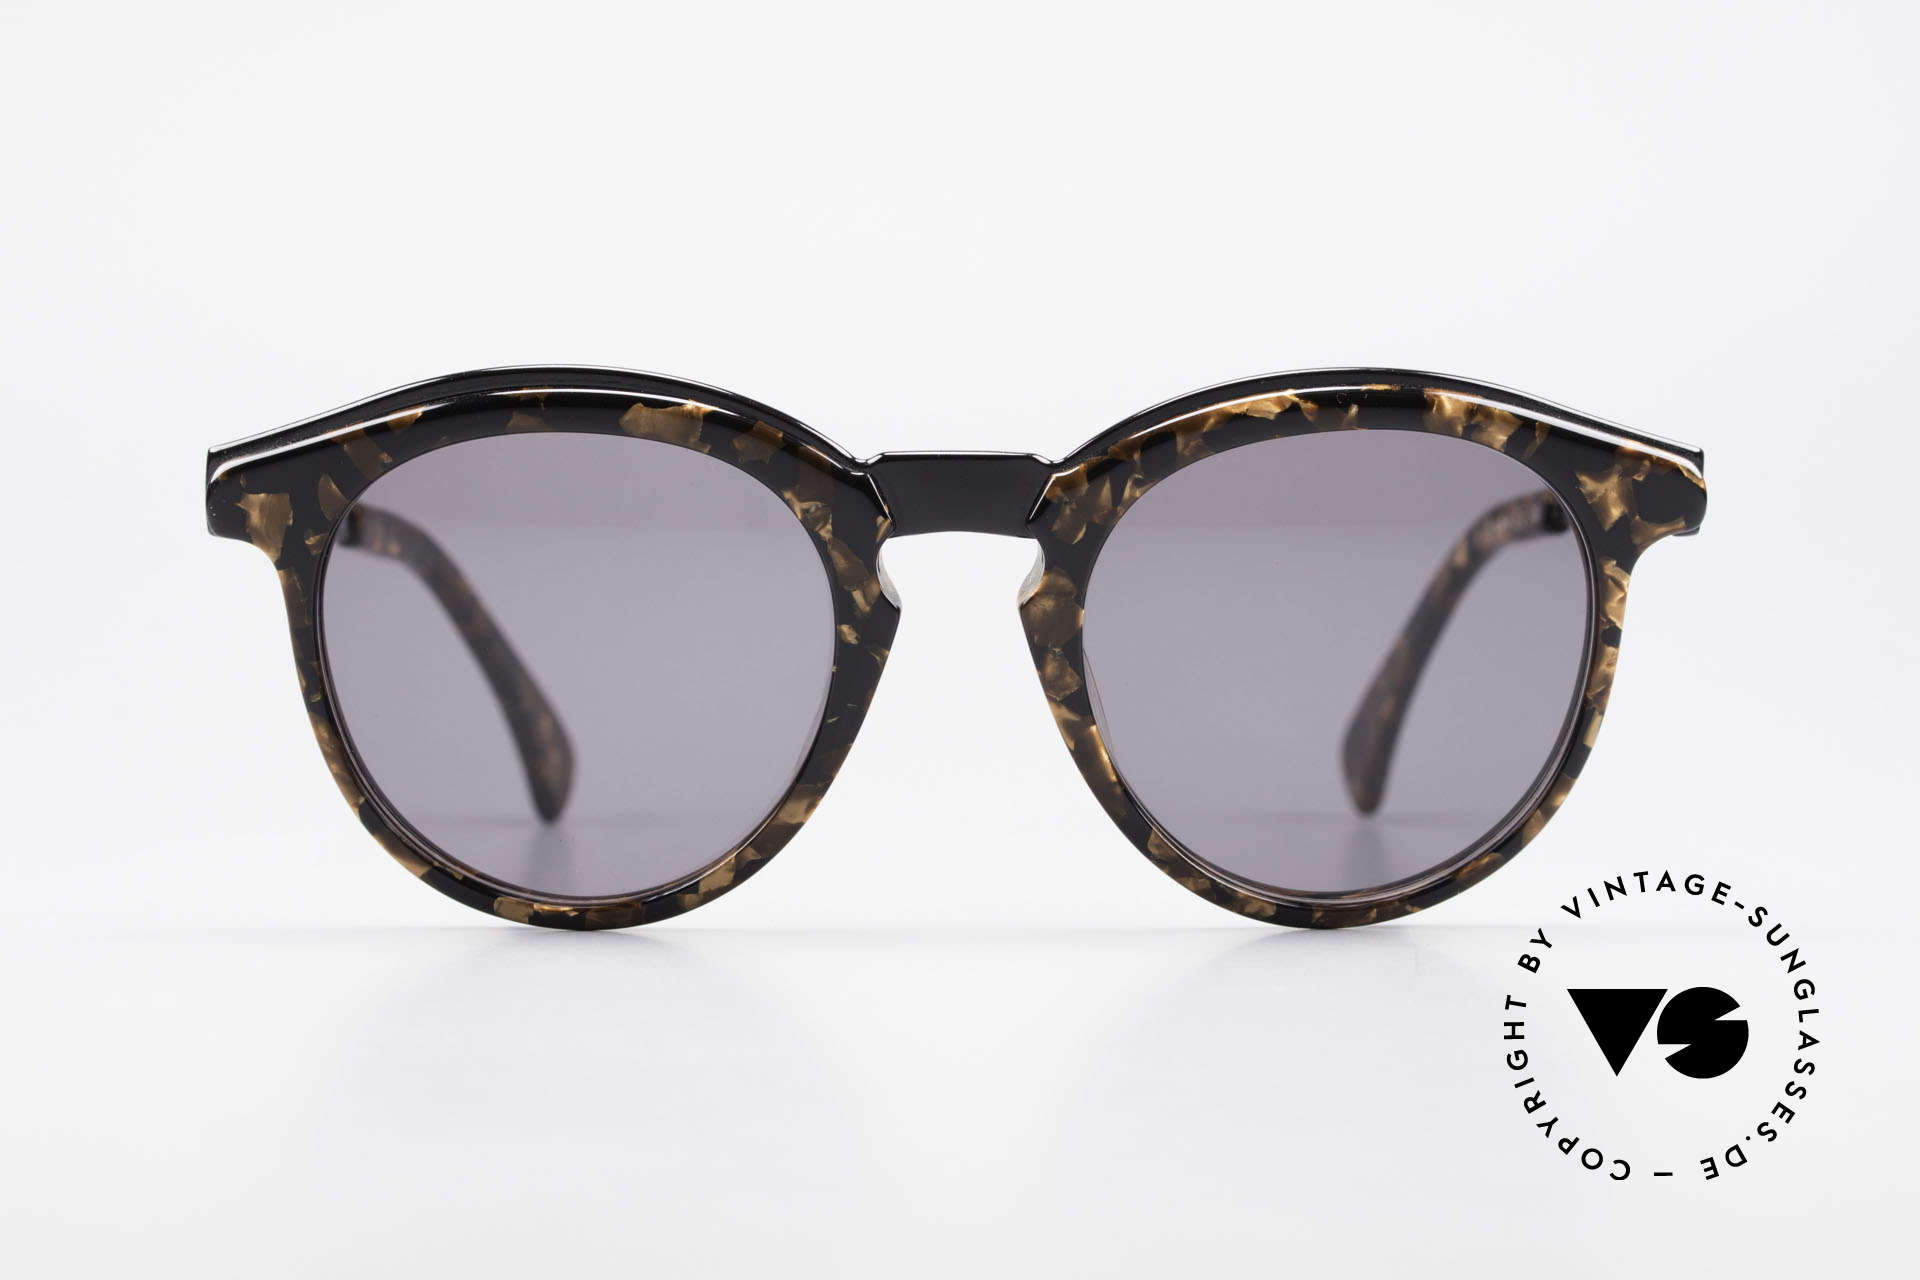 Alain Mikli 626 / 514 Alte 80er Panto Sonnenbrille, 626 / 514: absoluter Design-Klassiker von 1989, Passend für Herren und Damen